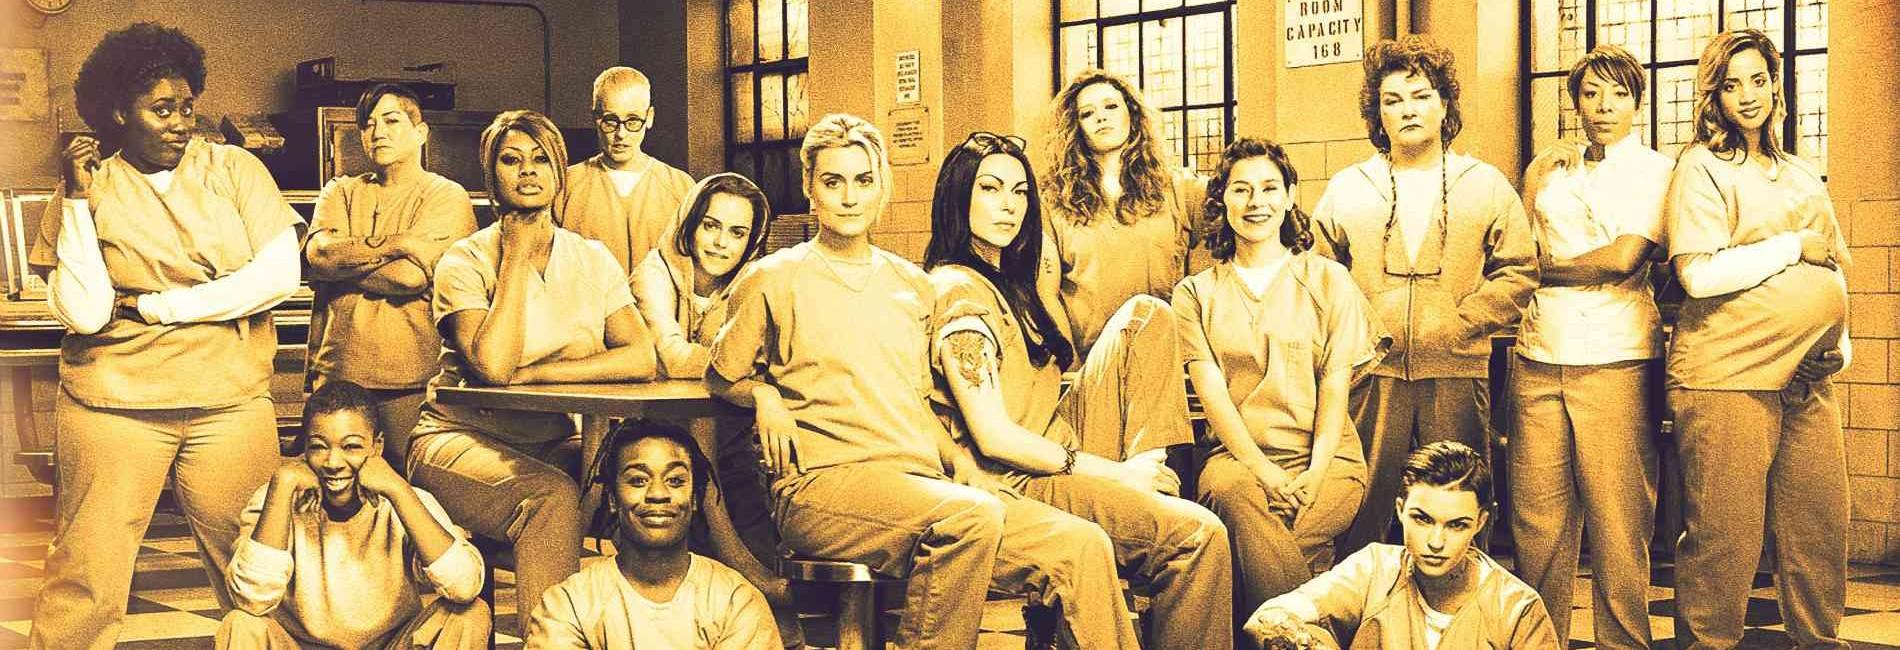 'Orange Is the New Black' Cast Photo